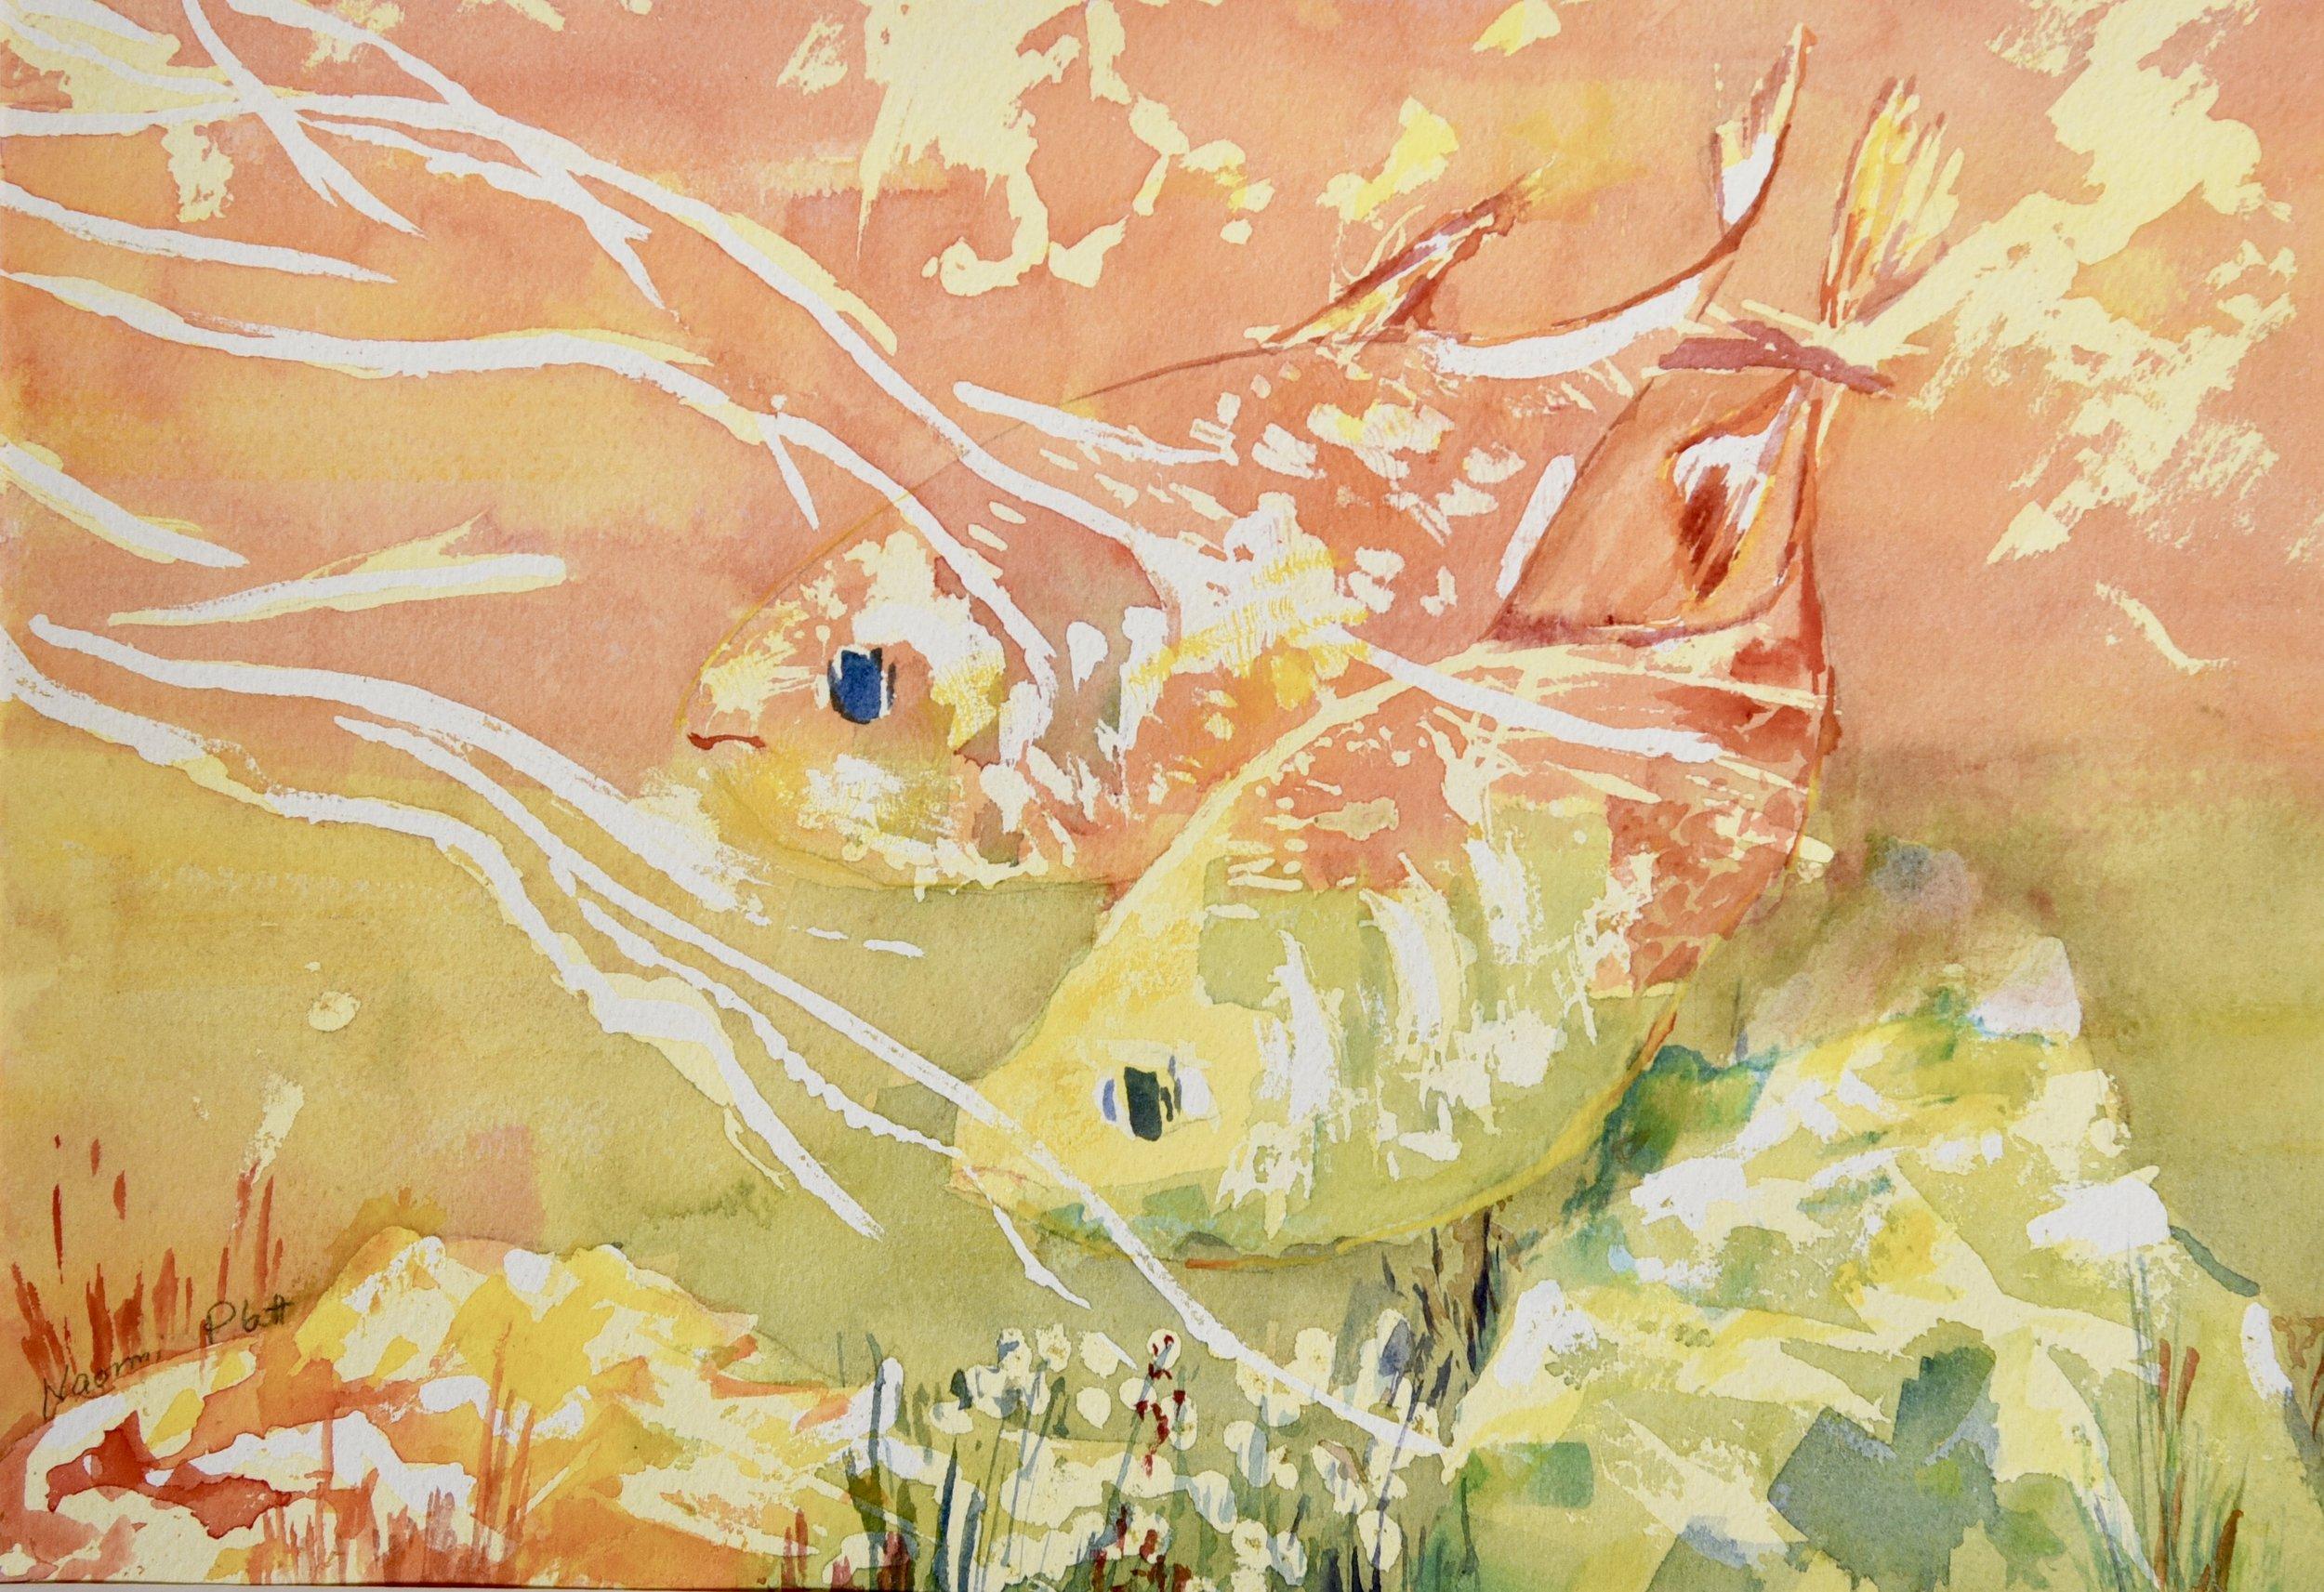 Fishes in Orange_9.5_x13.5_$180.jpg